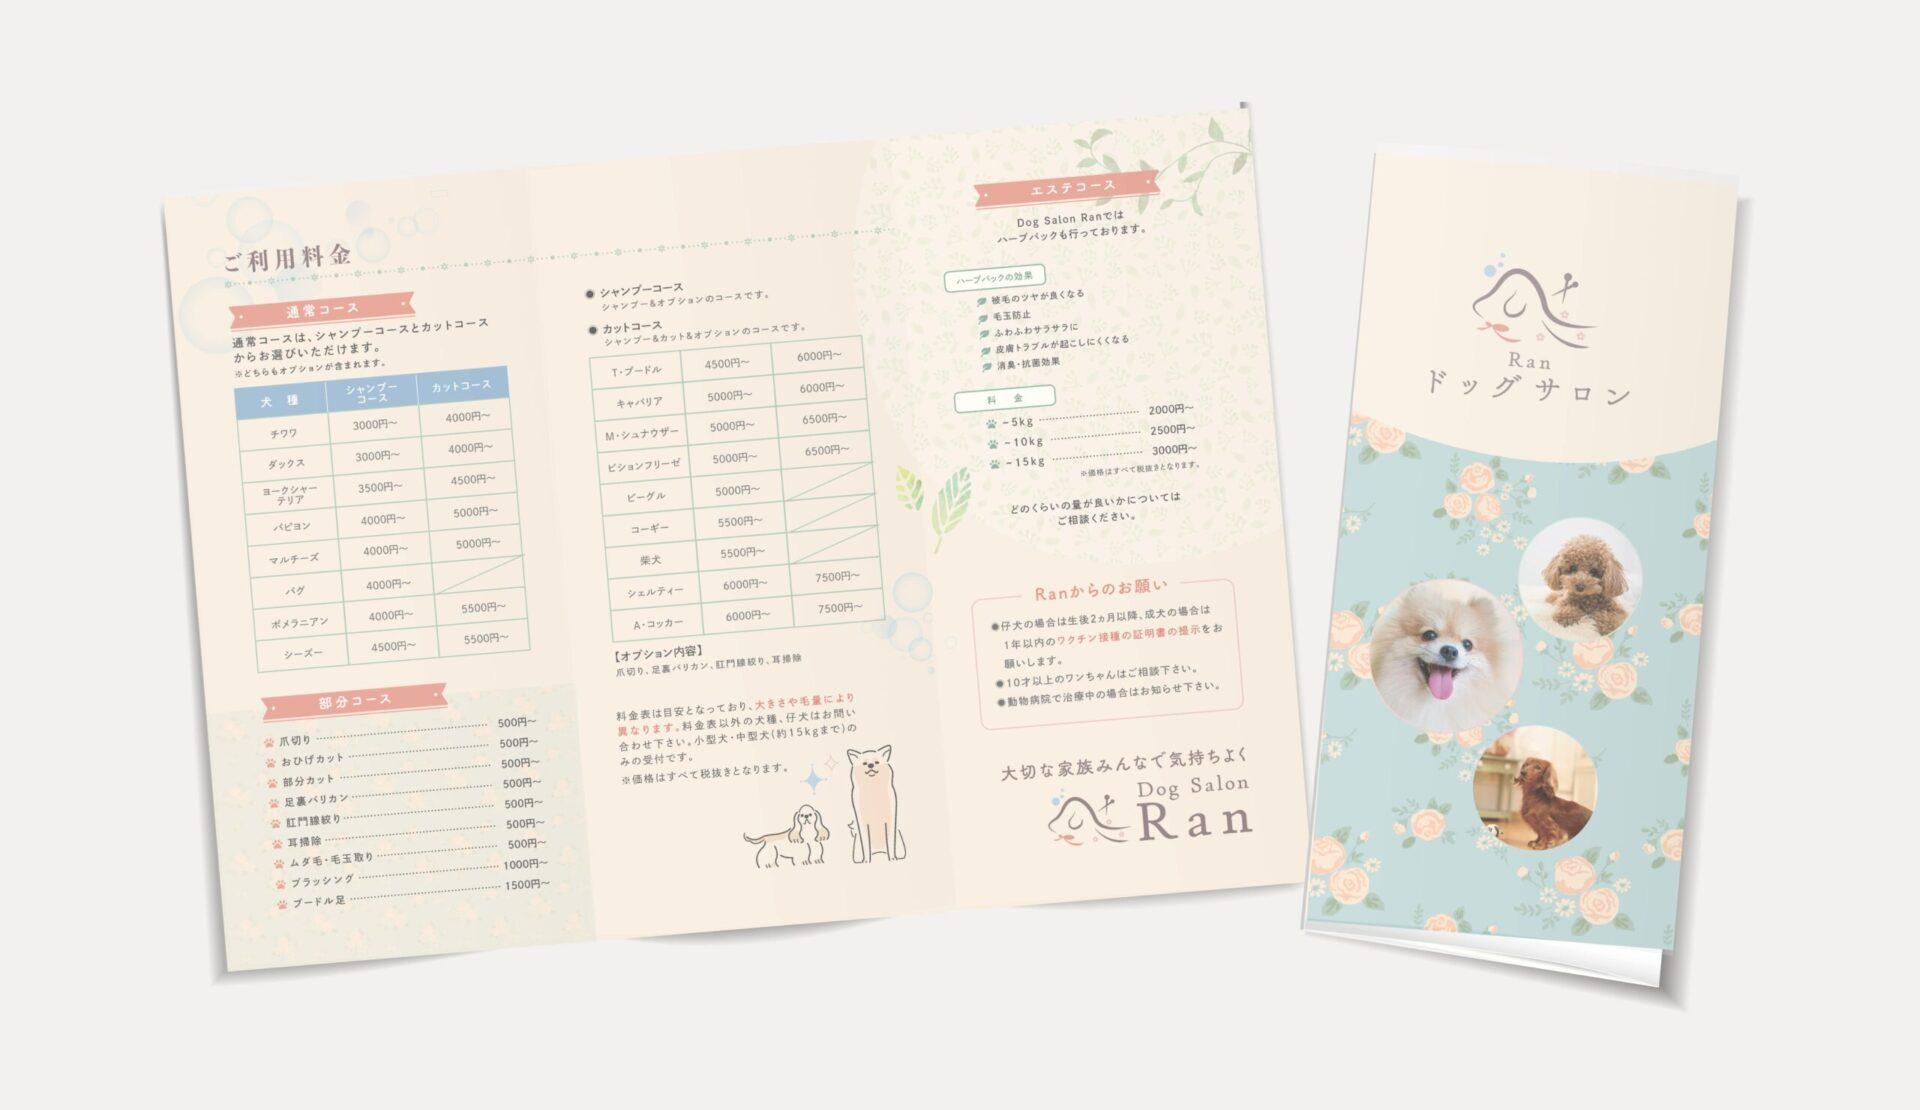 玉川村 Dog Salon Ran様の起業デザインサポート